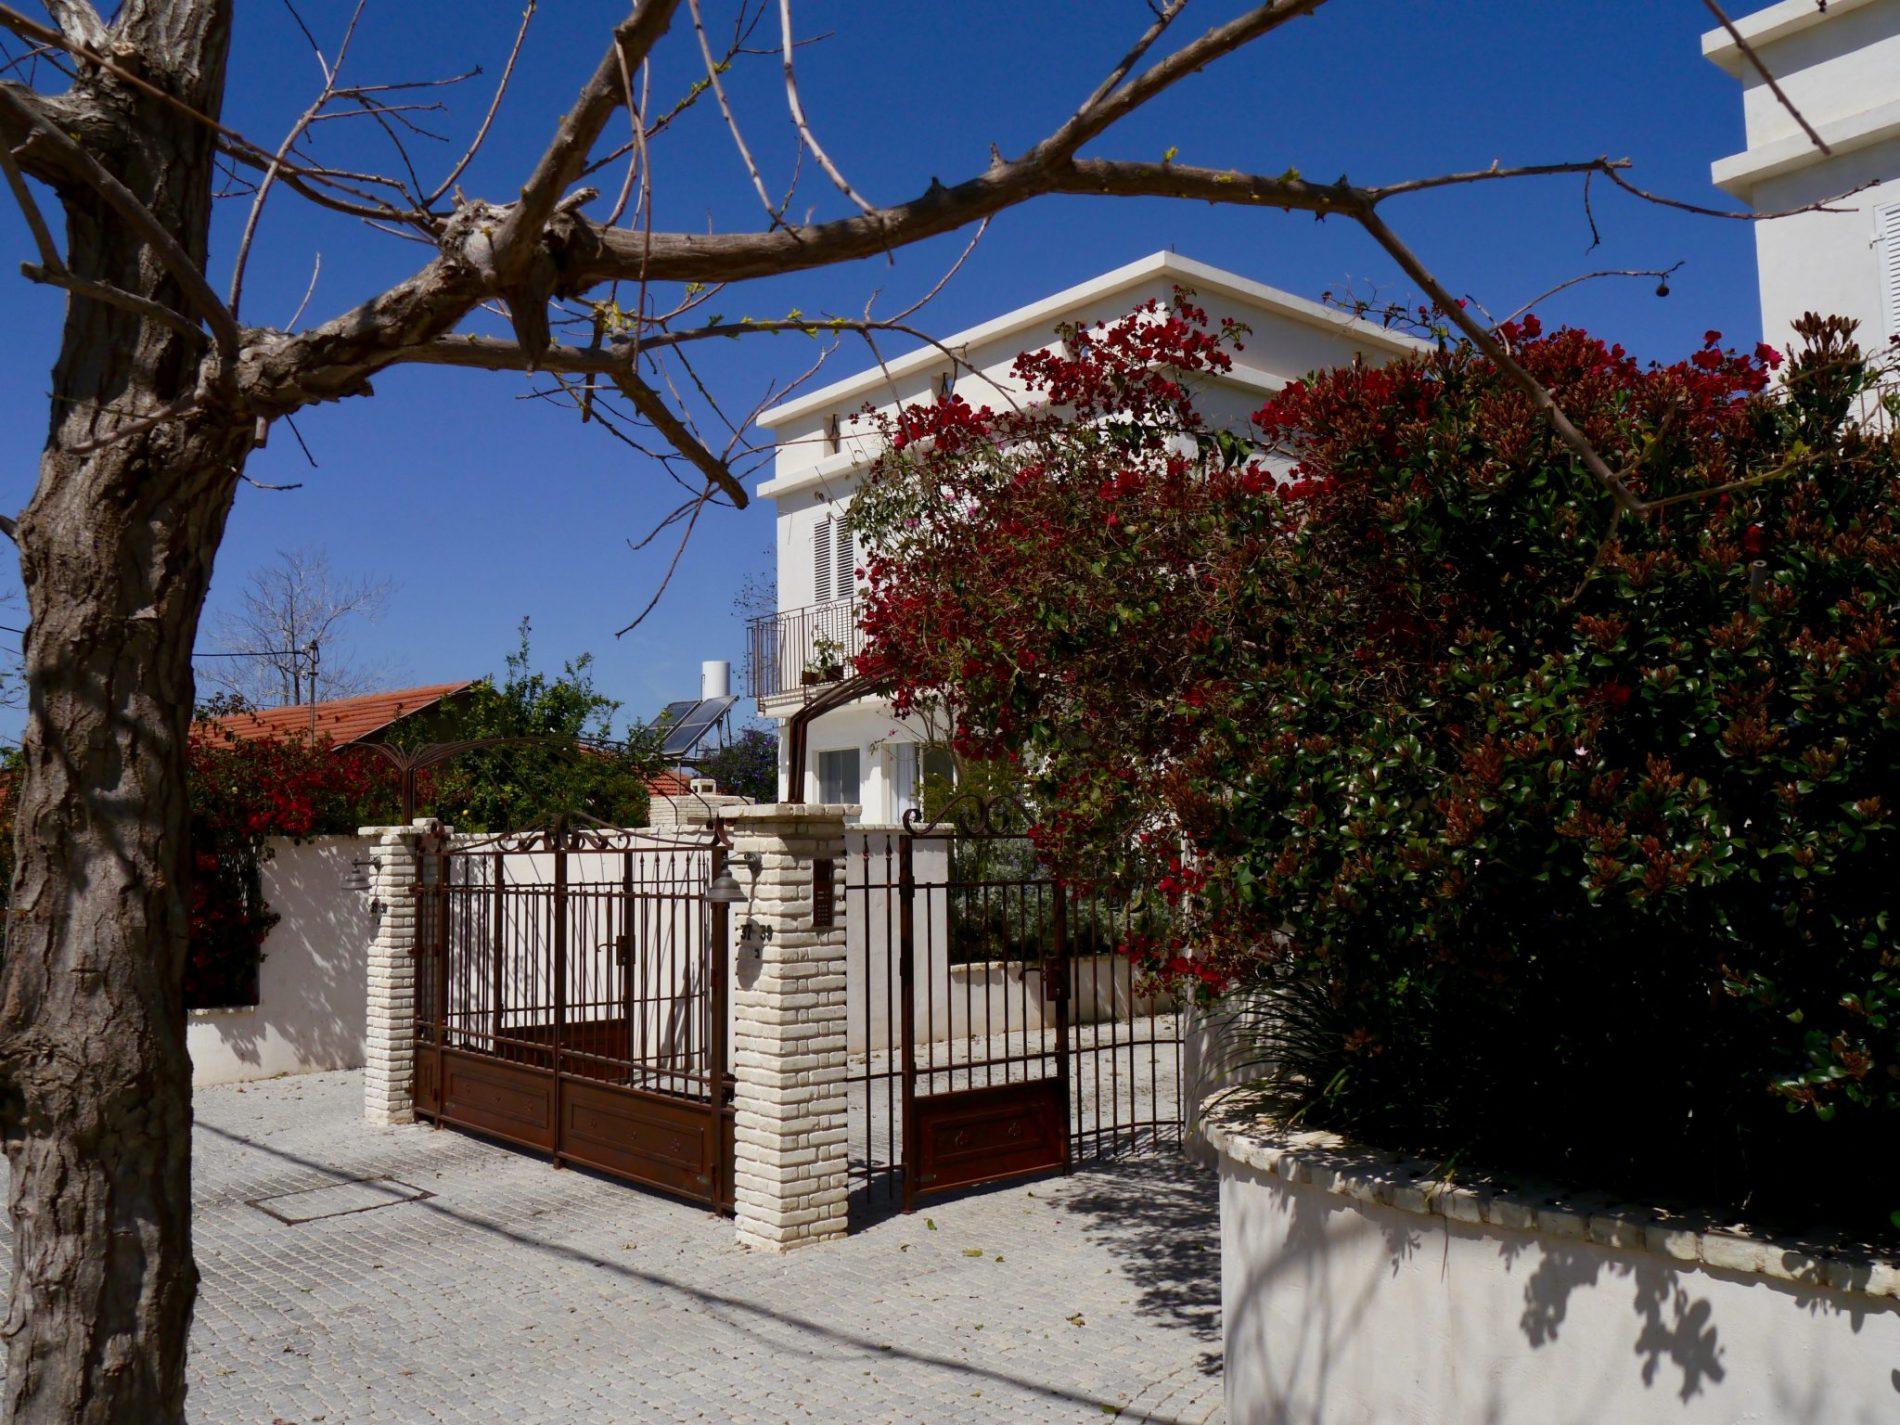 שערי הכניסה, הגגון וצמח ה בוגנוויליה – מבט מרחוק